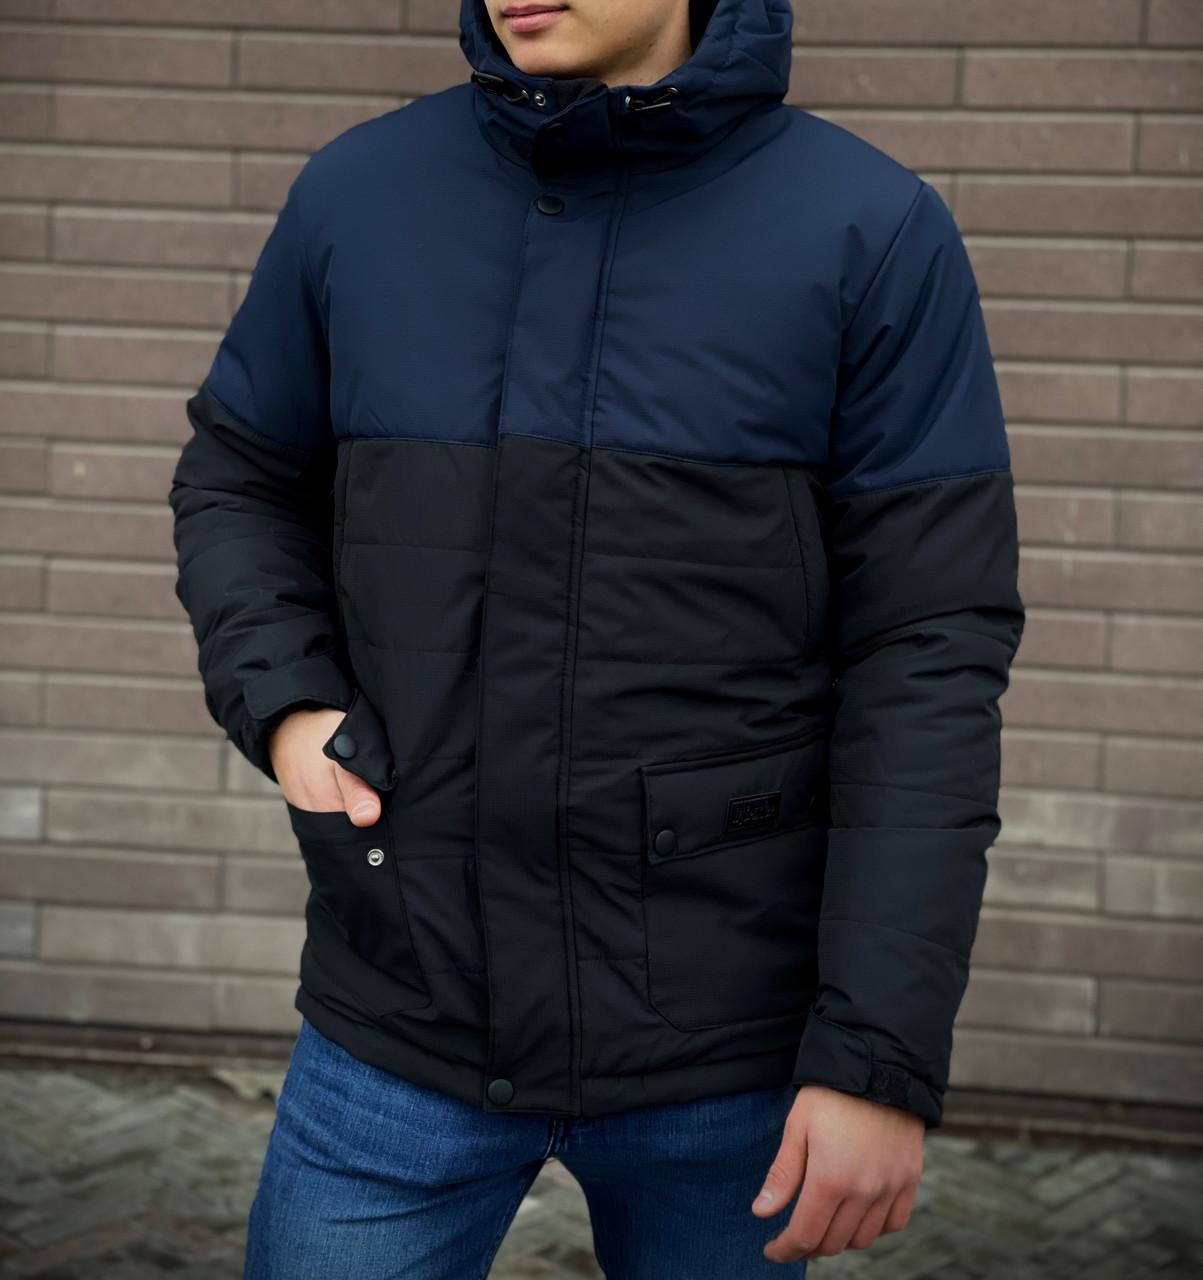 Мужская куртка (весна\осень) -  Intruder 'WaterProof' синяя-черная +ПОДАРОК бафф